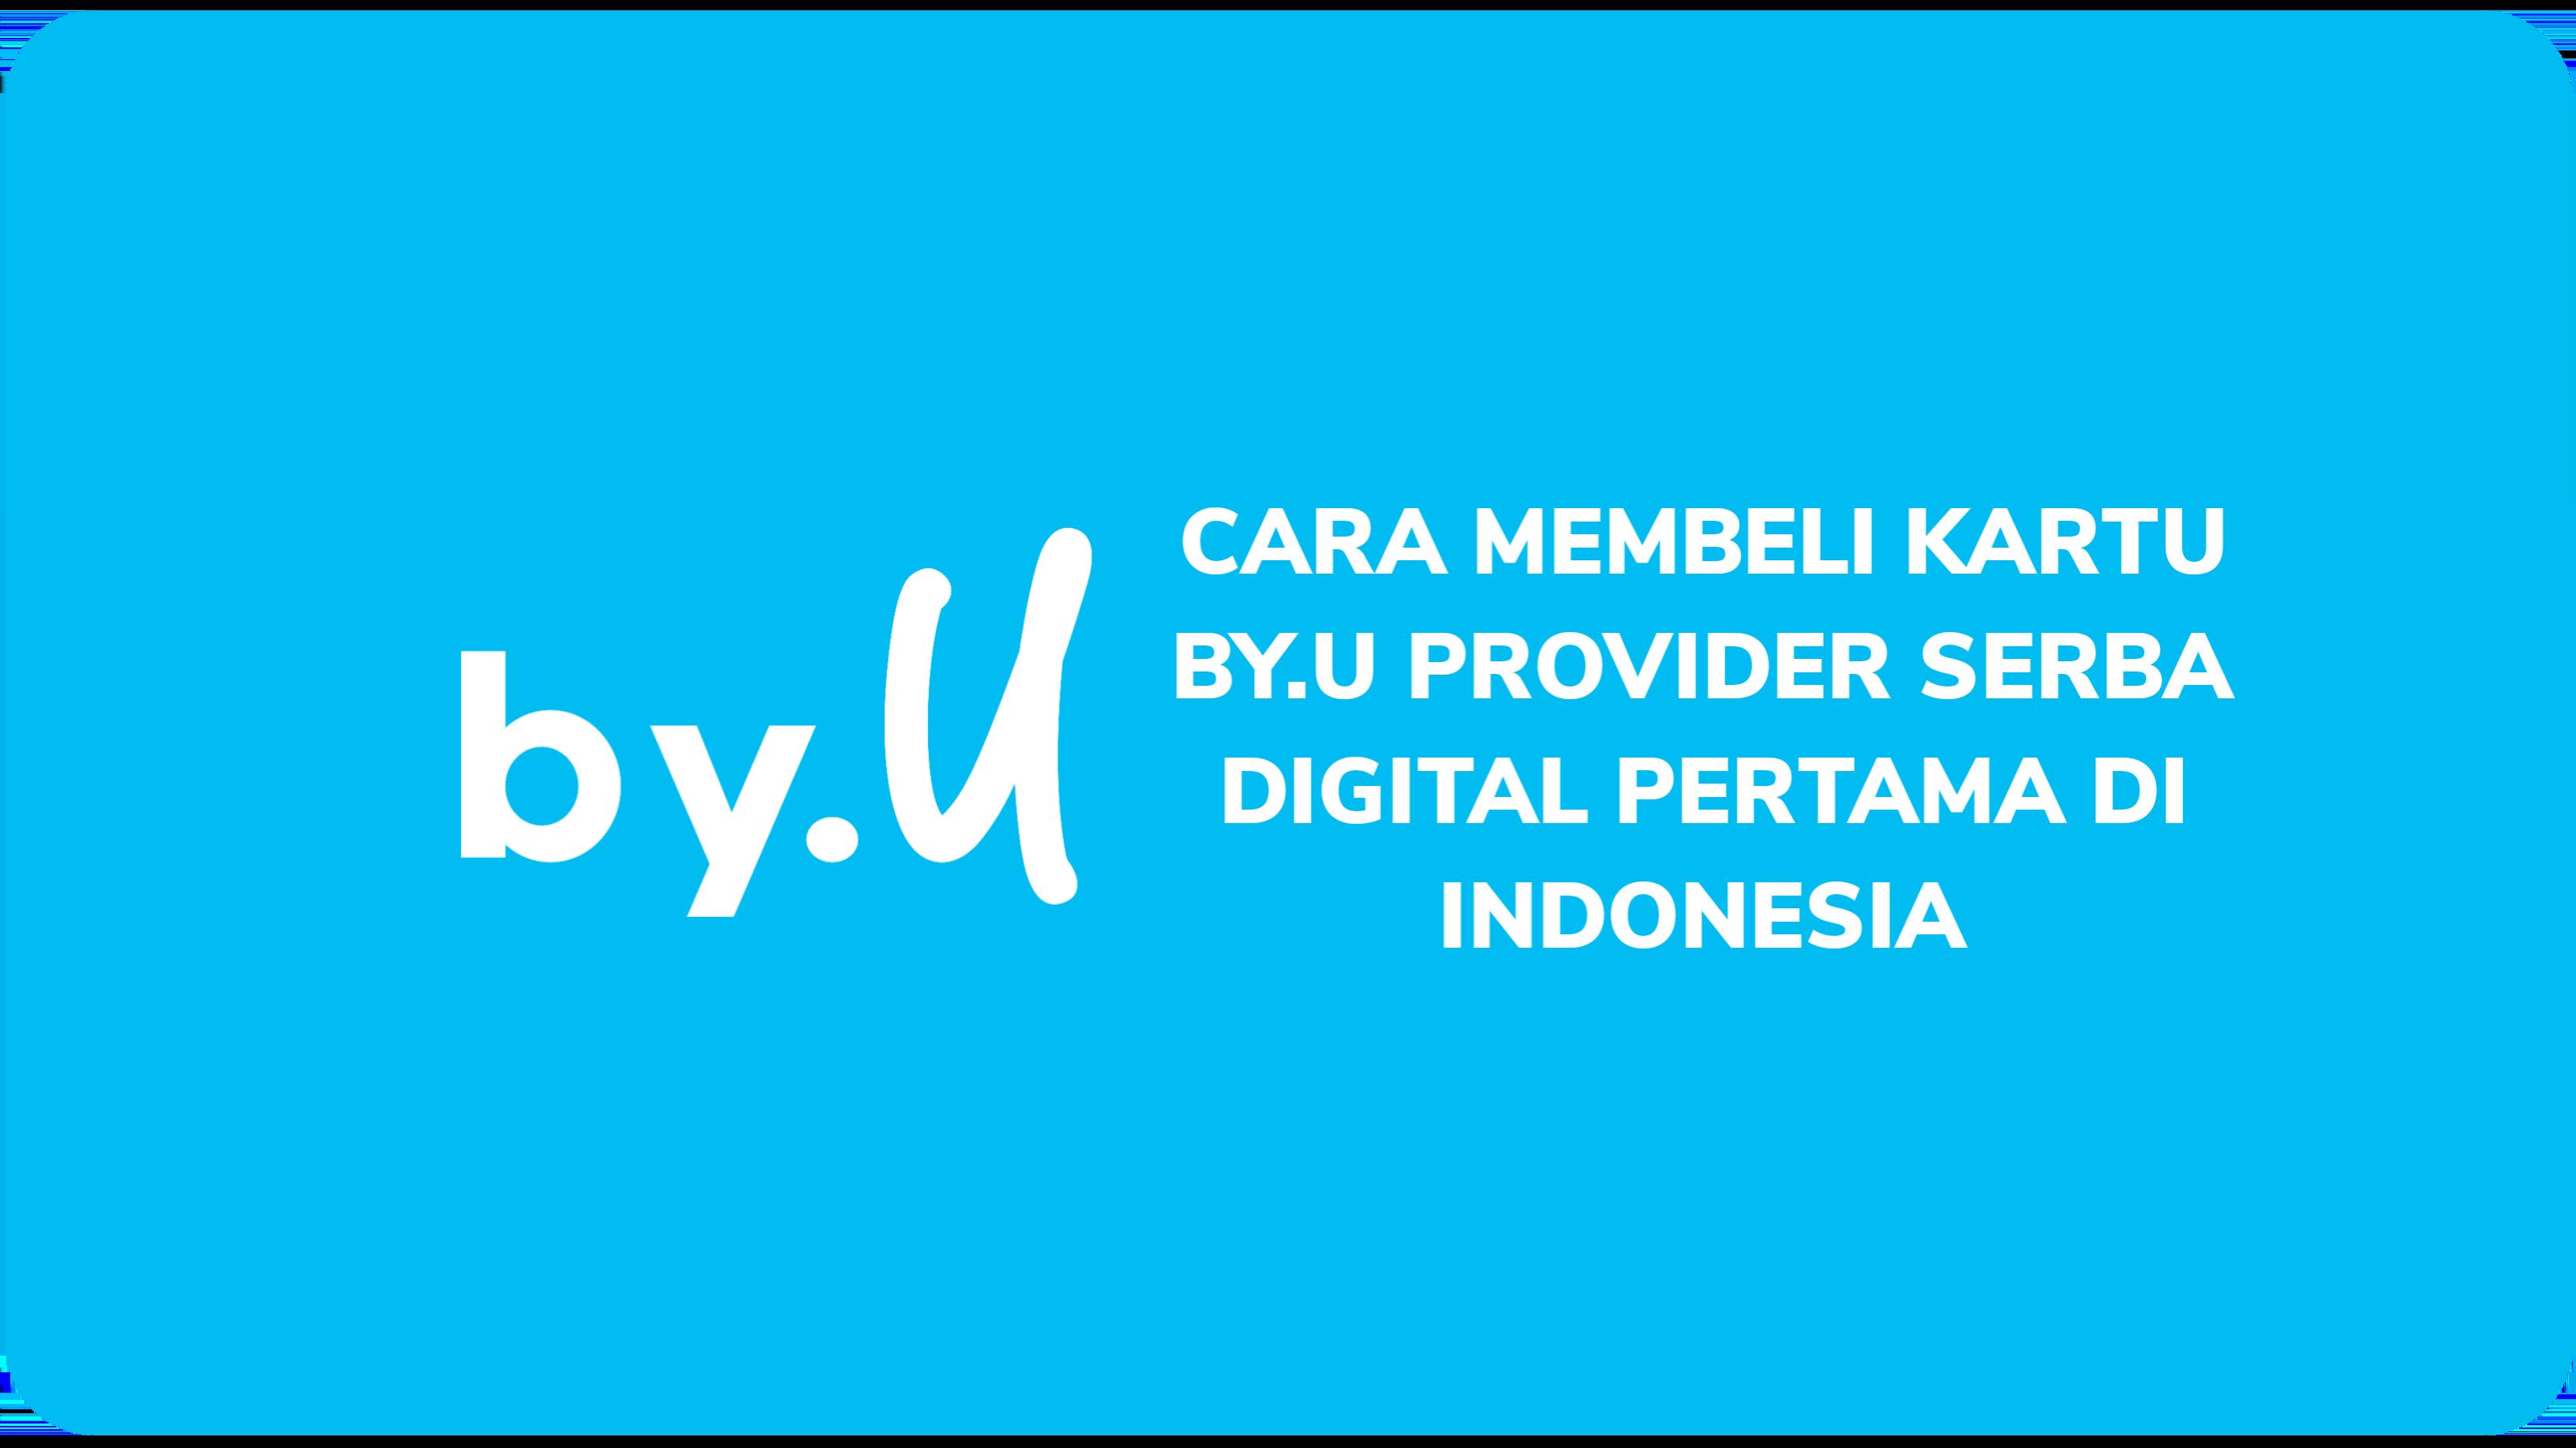 Cara Membeli Kartu By.U Provider Serba Digital Pertama di Indonesia